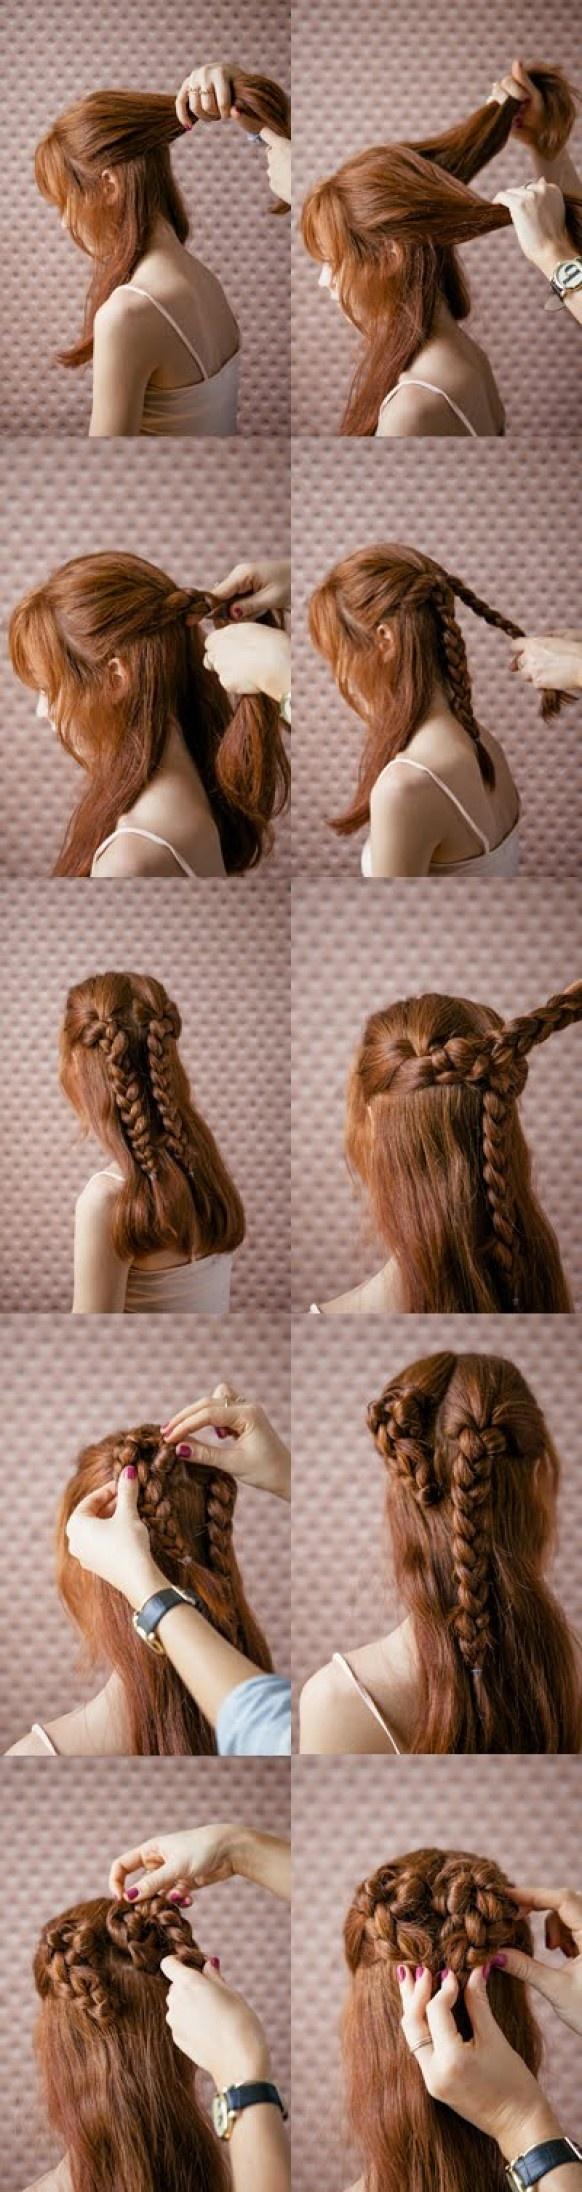 Tutoriel simple et belle Saint Valentin Coiffure Coiffures de mariage de coeur ♥ Braid pour cheveux longs